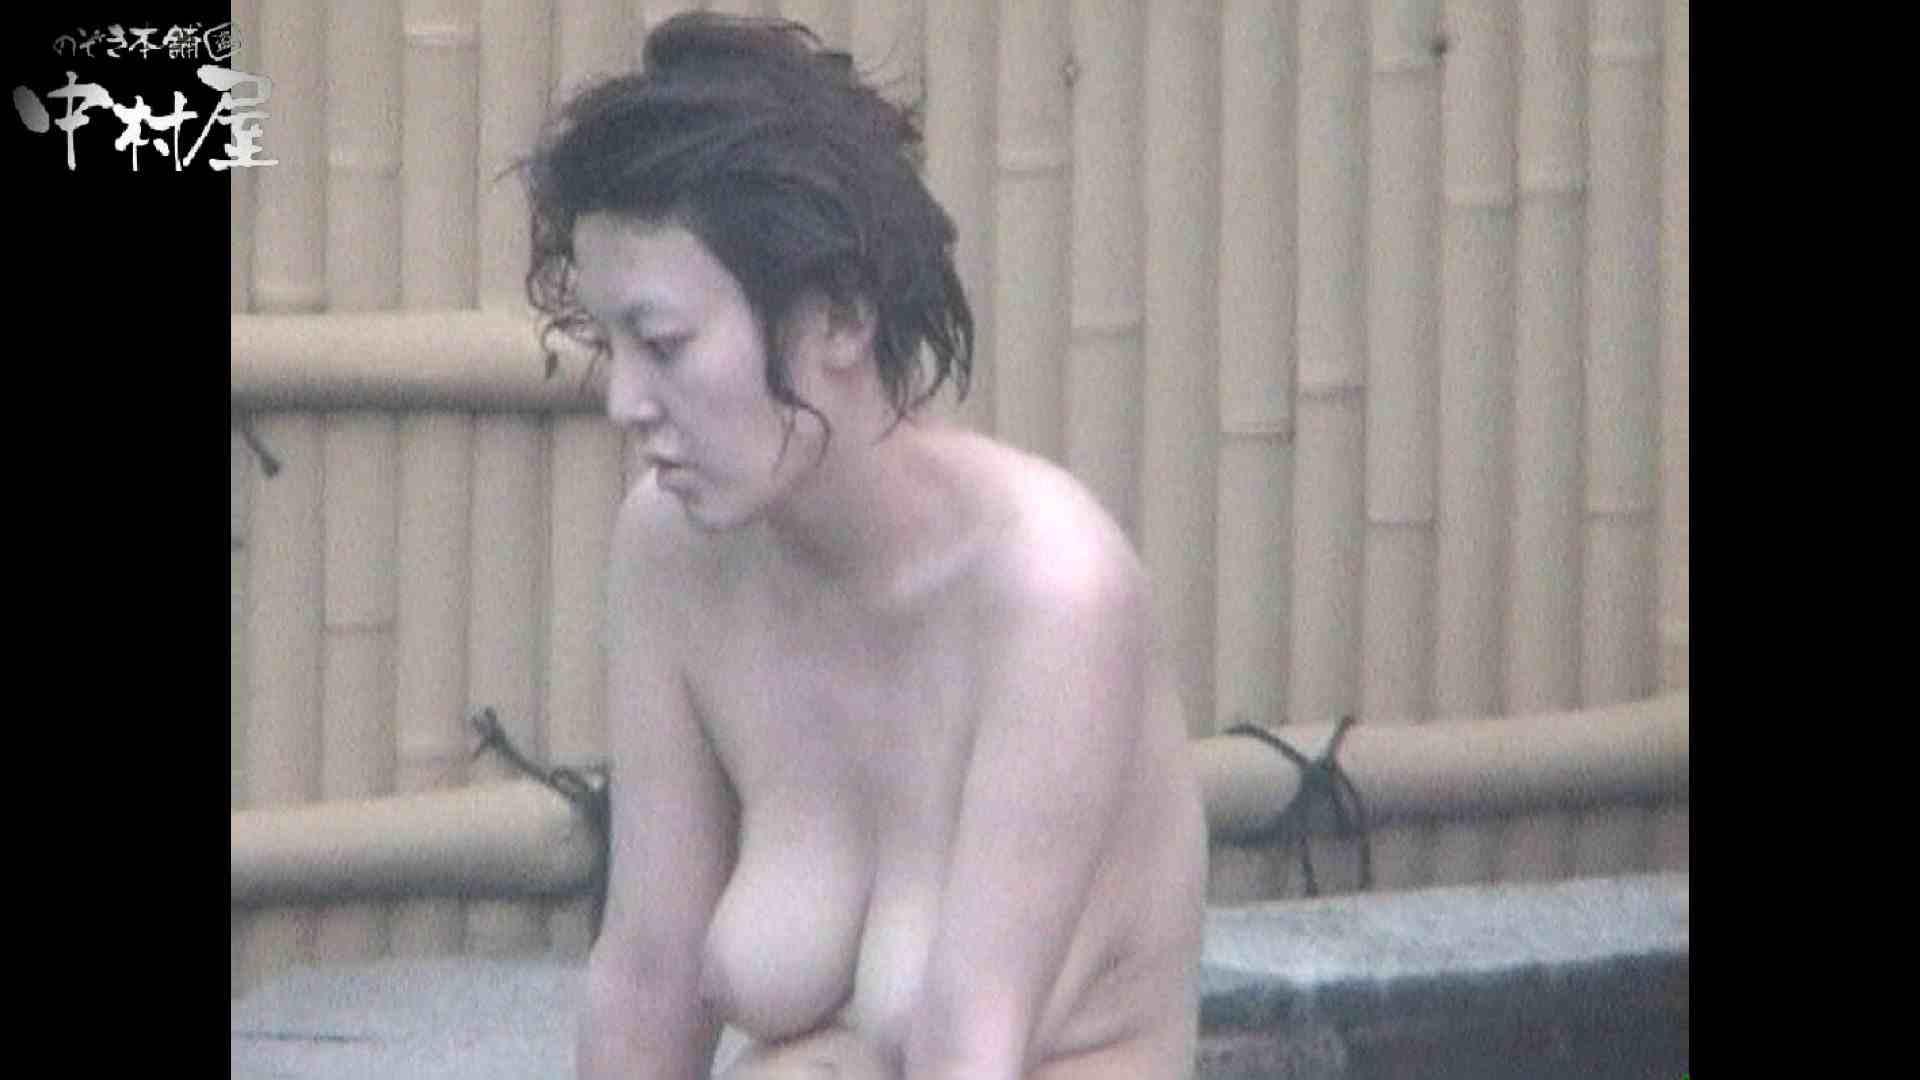 Aquaな露天風呂Vol.959 盗撮 | OLのエロ生活  42連発 7